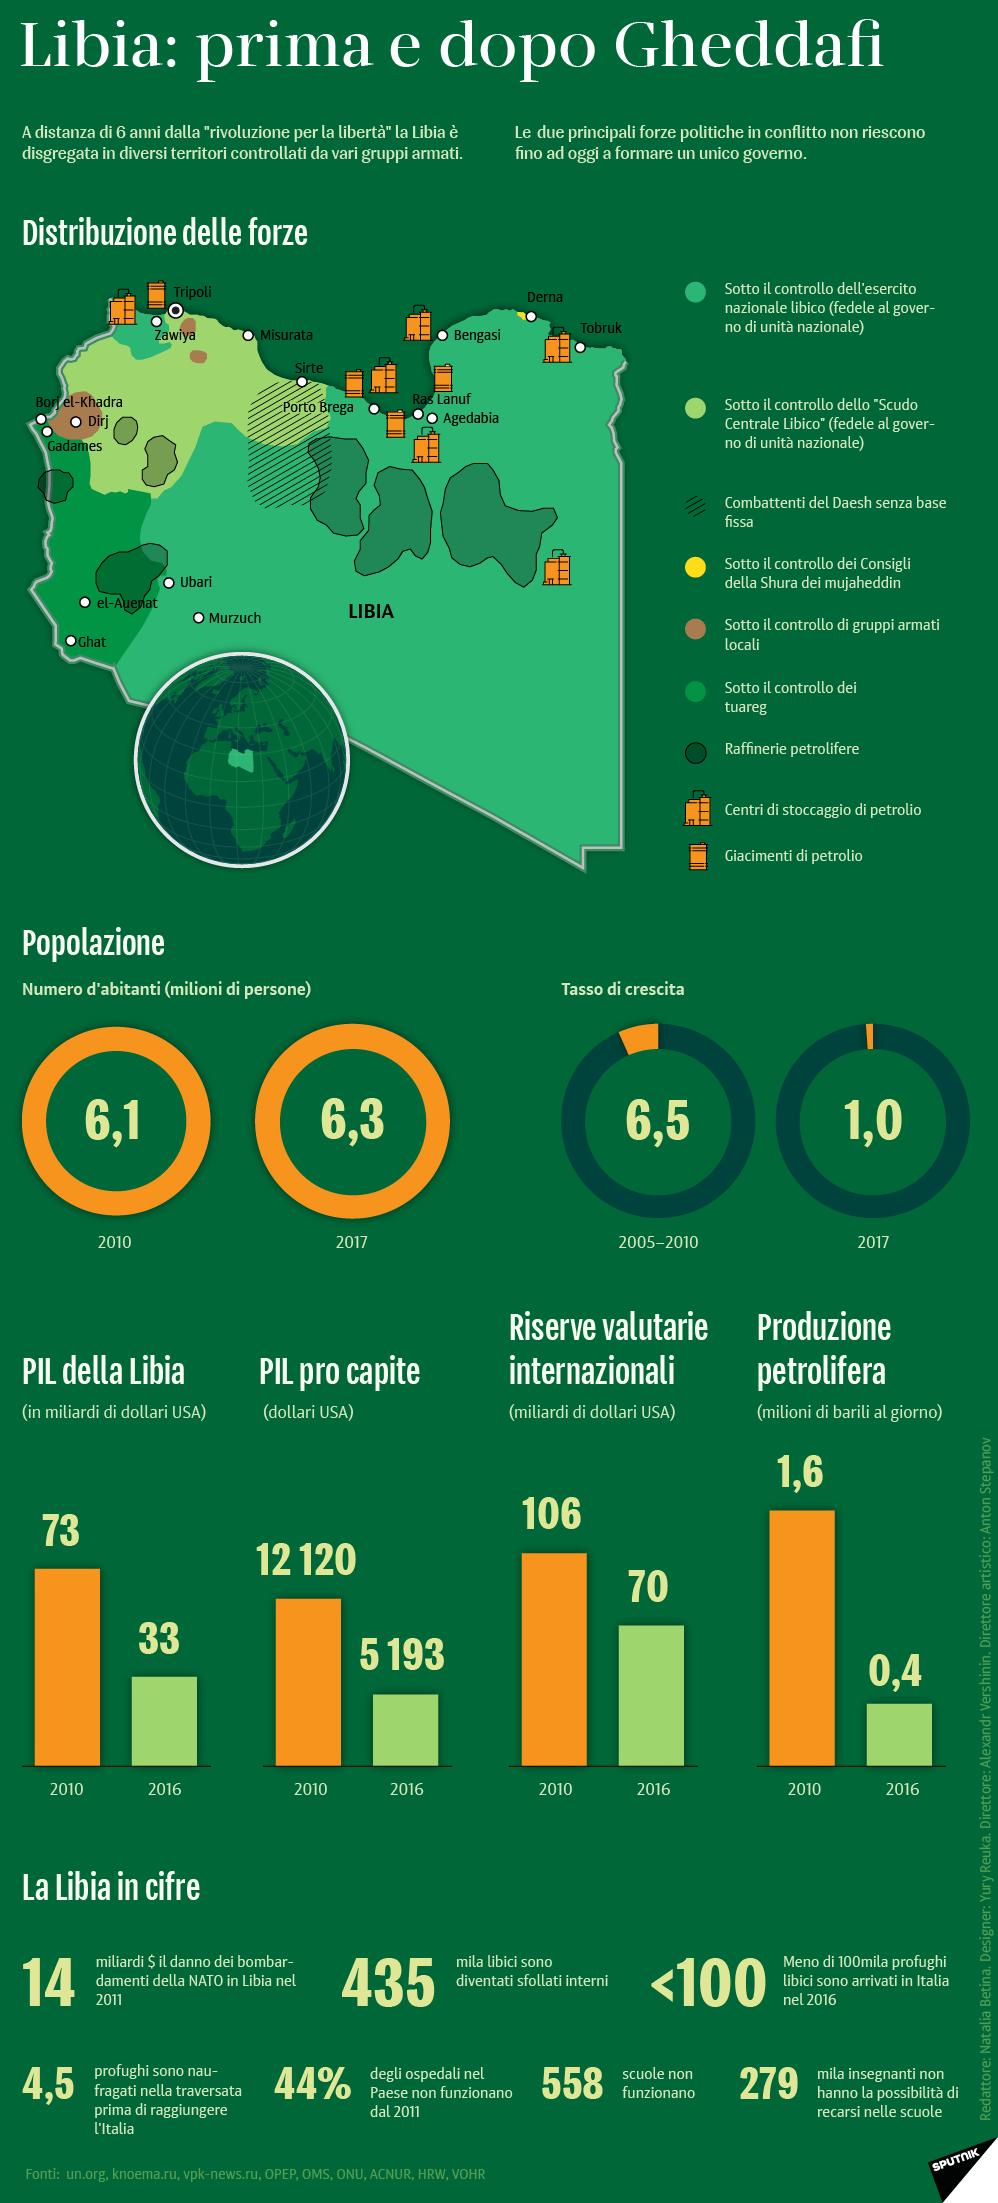 Libia prima e dopo Gheddafi